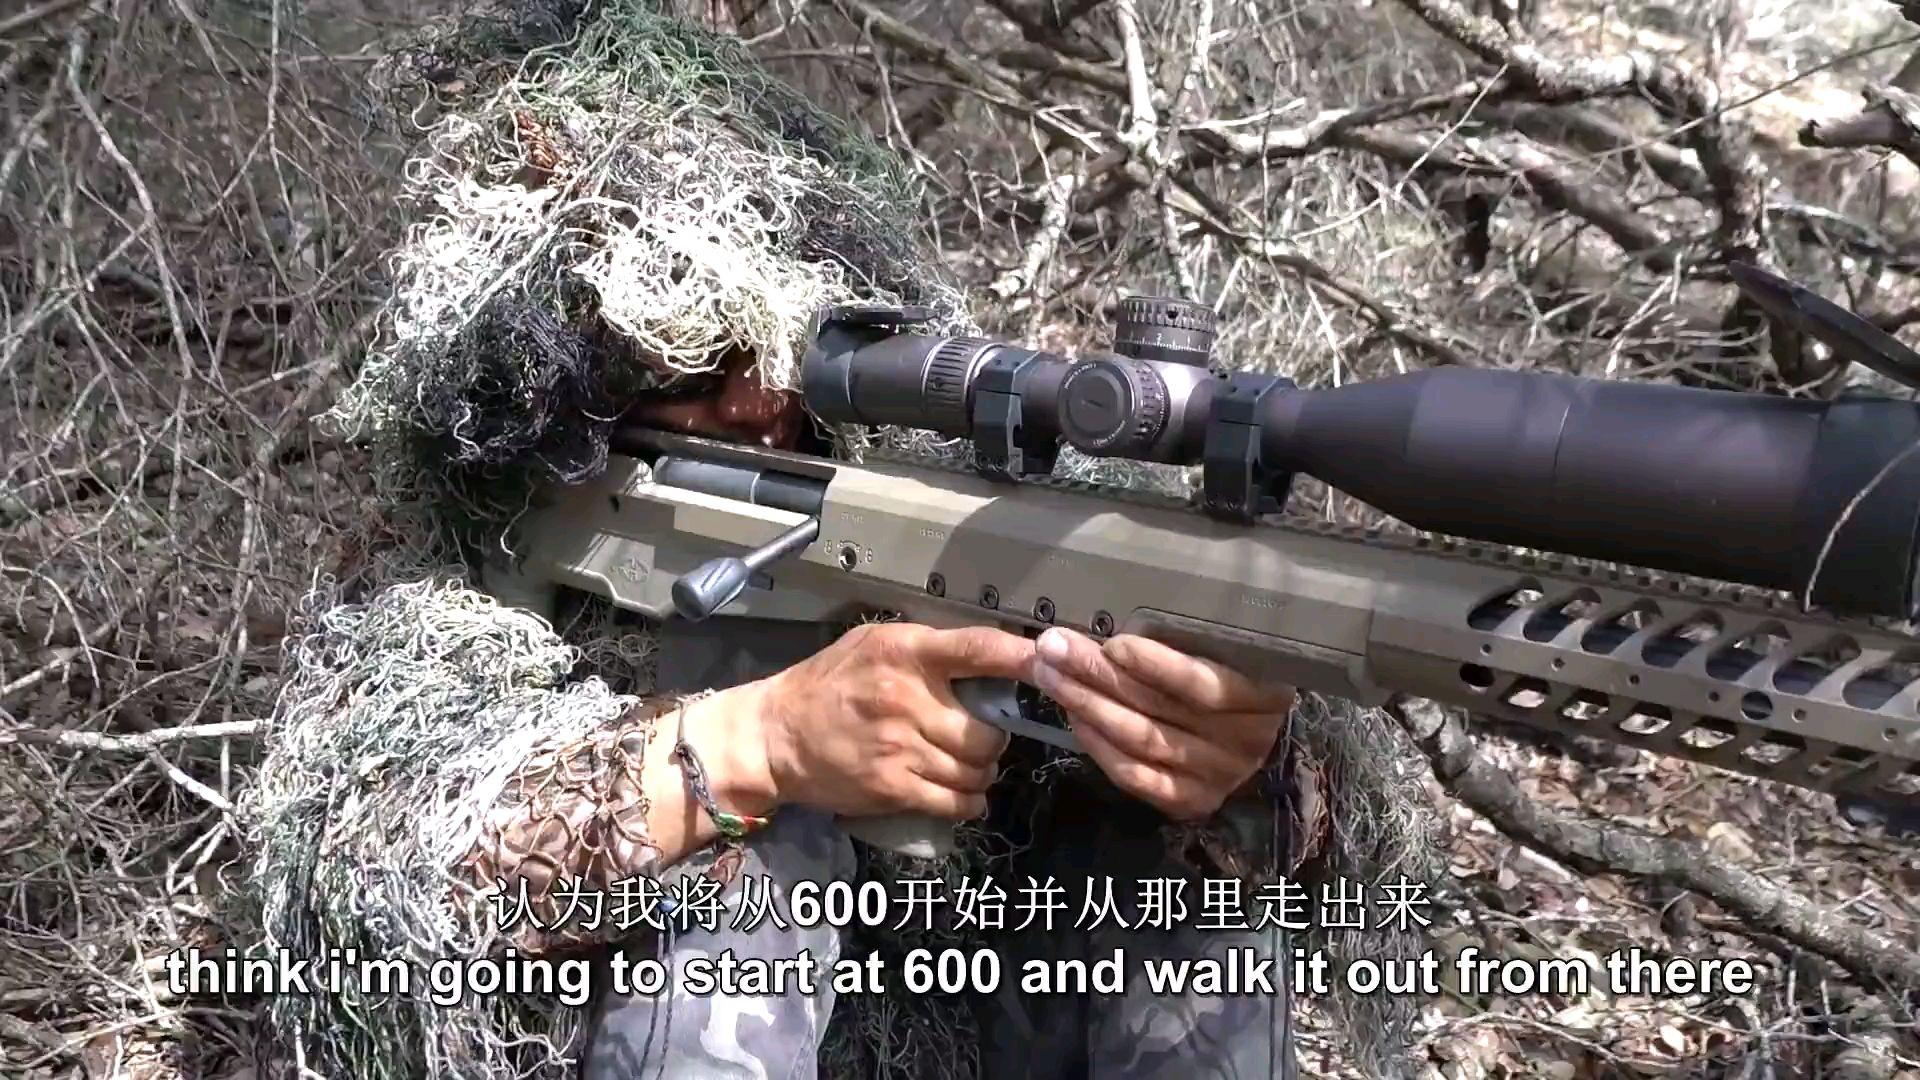 [爆破牧场]船新的狙击步枪